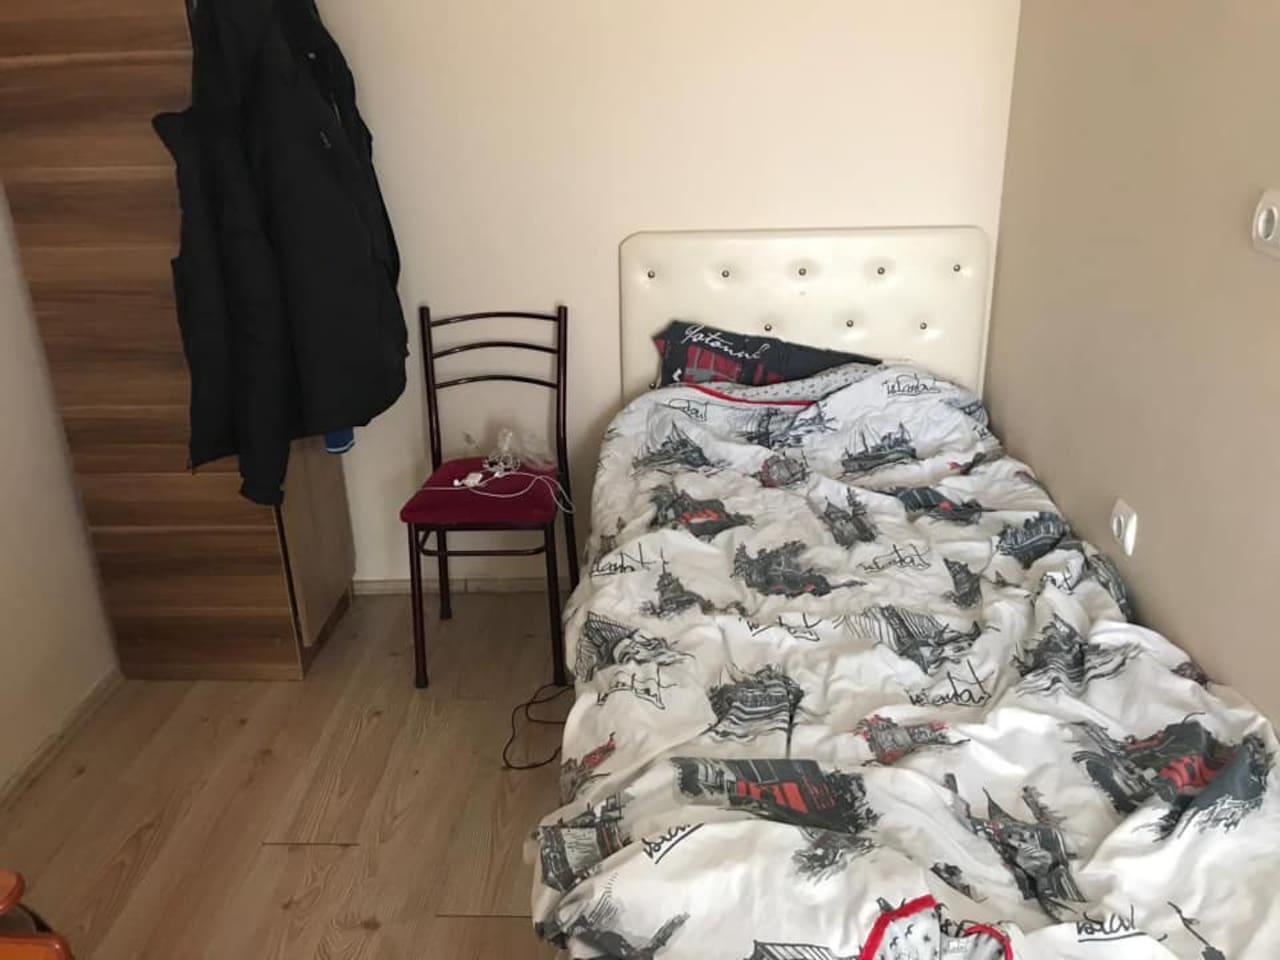 tek kişilik yatak odasıdır.odada tek kişilik yatak vardır.odadaki prizler çalışıyor.giysi dolabı geniş ve temizdir.isteyen kullanabilir.yerler parkedir.odada ısıtıcı vardır.